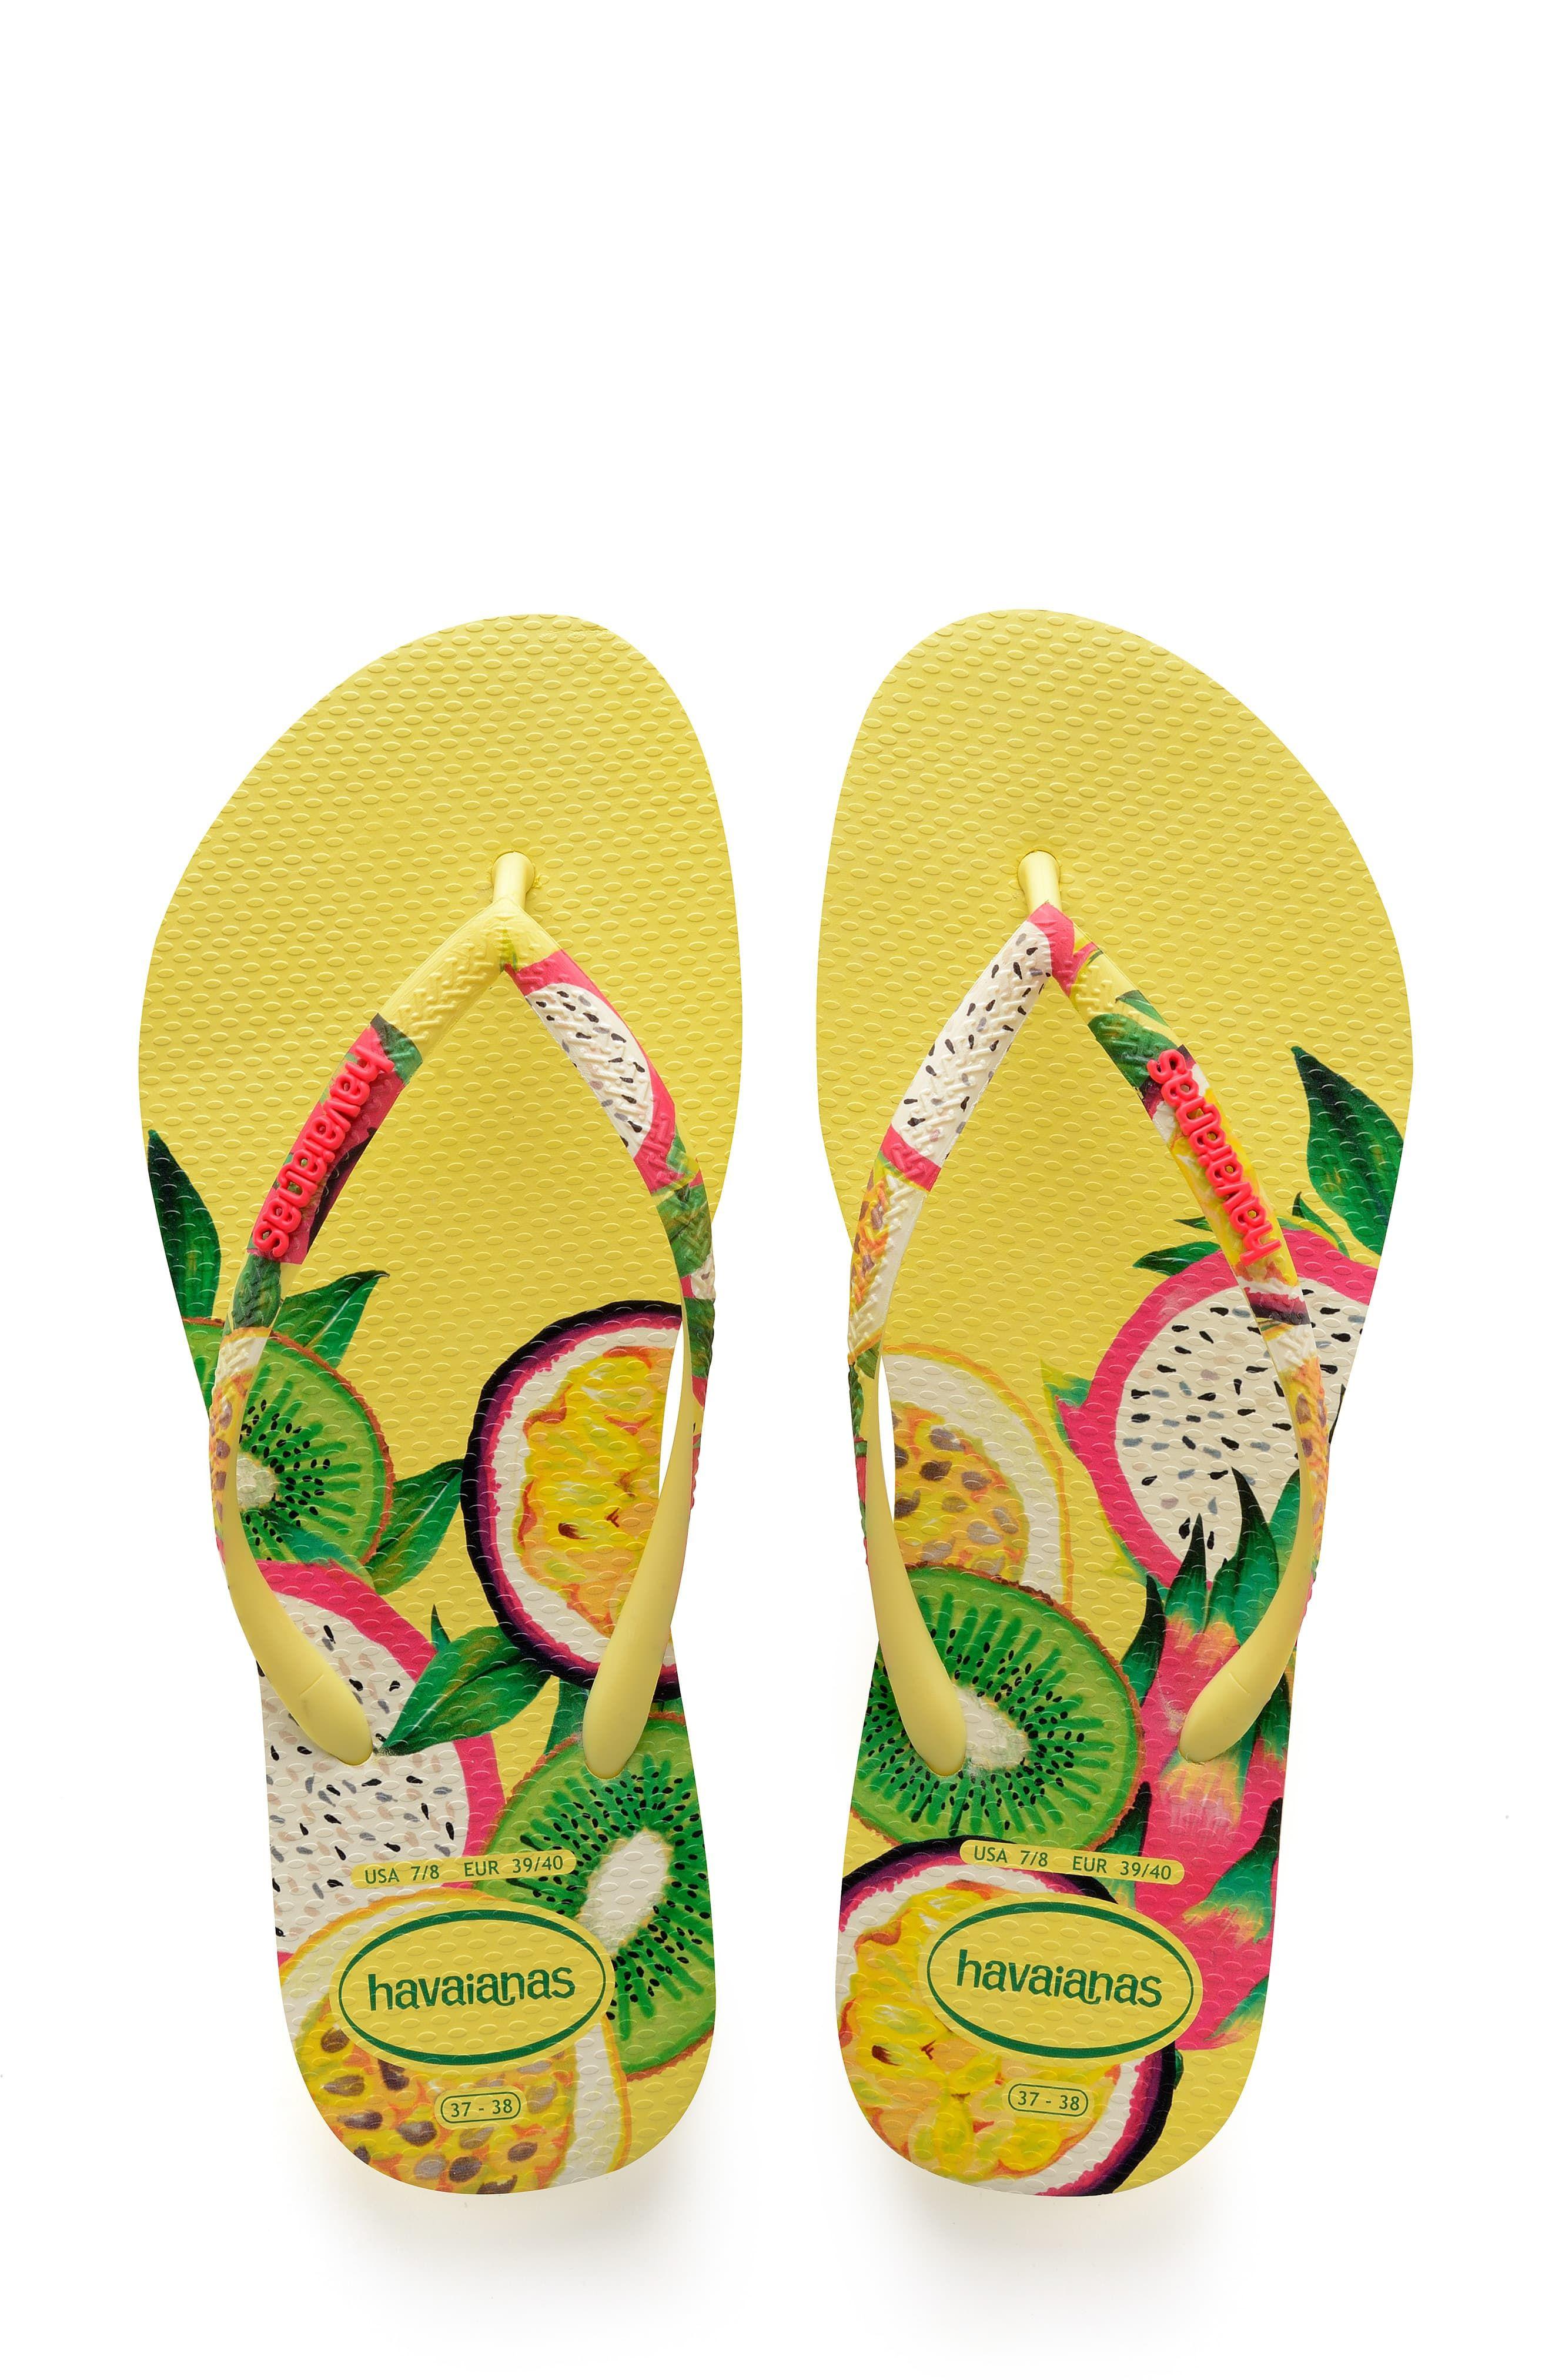 separation shoes 07354 4e904 Havaianas Slim Sensation Flip Flop | Products in 2019 | Flip ...